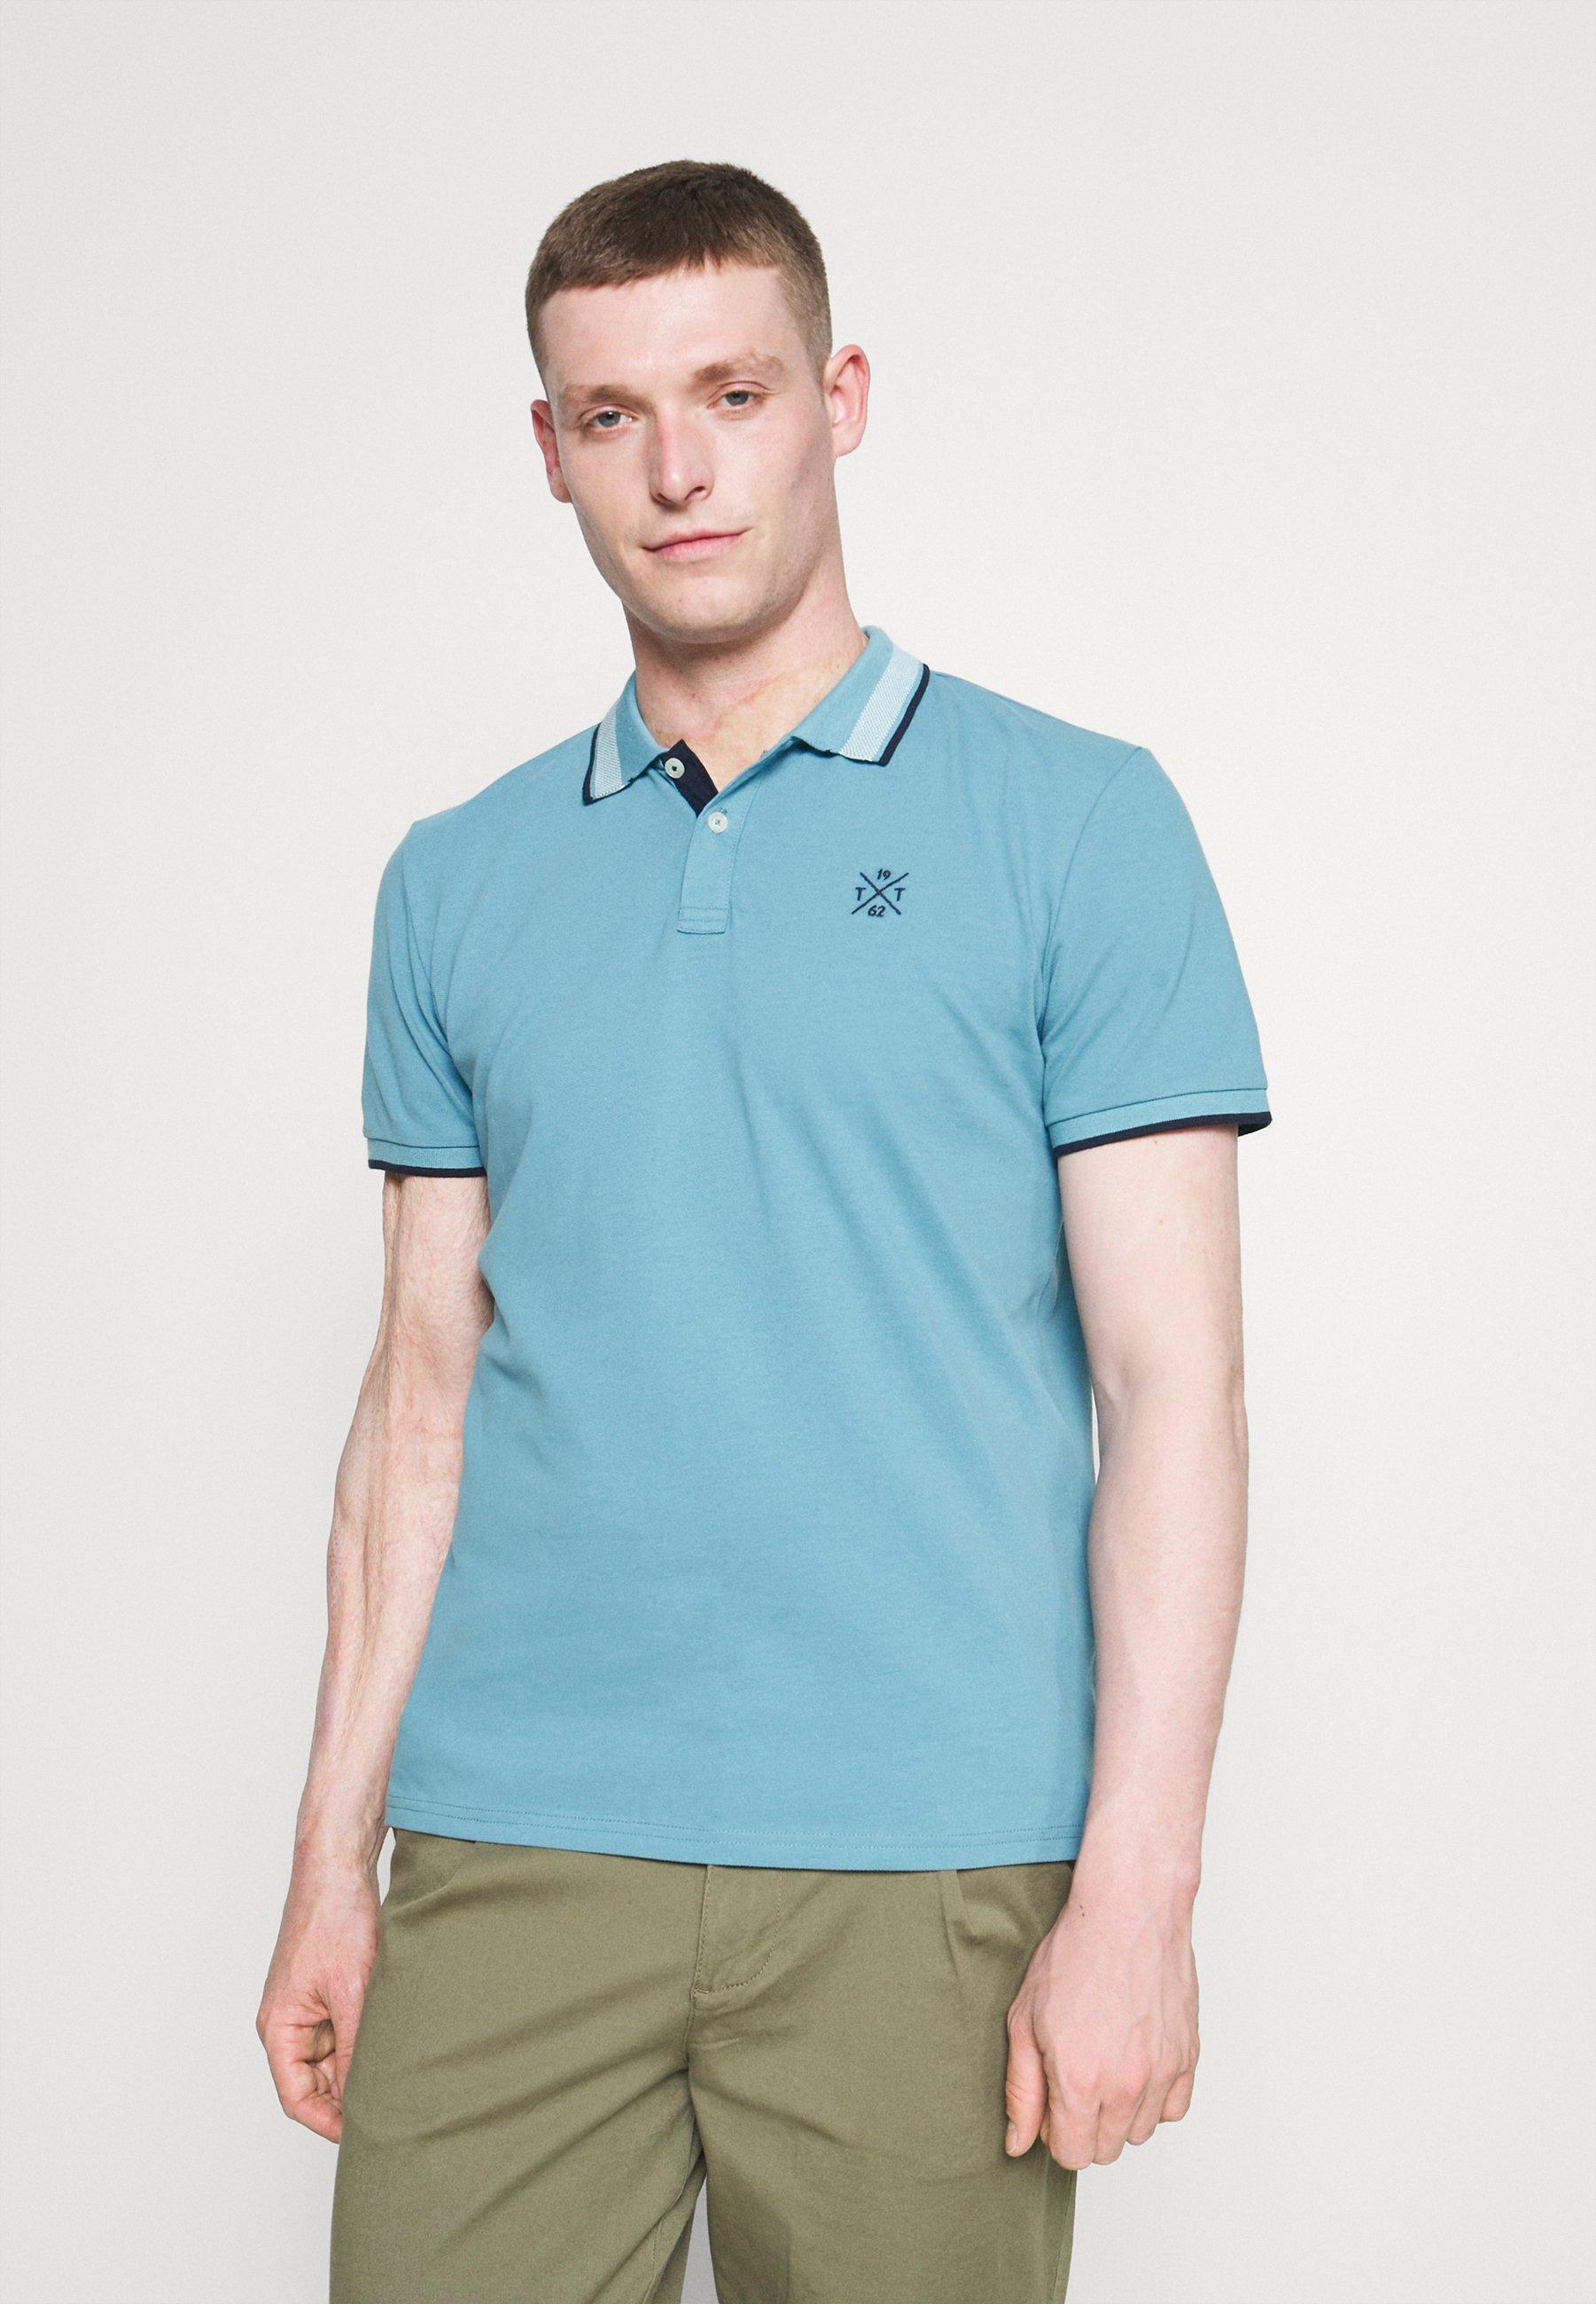 Men UNDERCOLLAR WORDING - Polo shirt